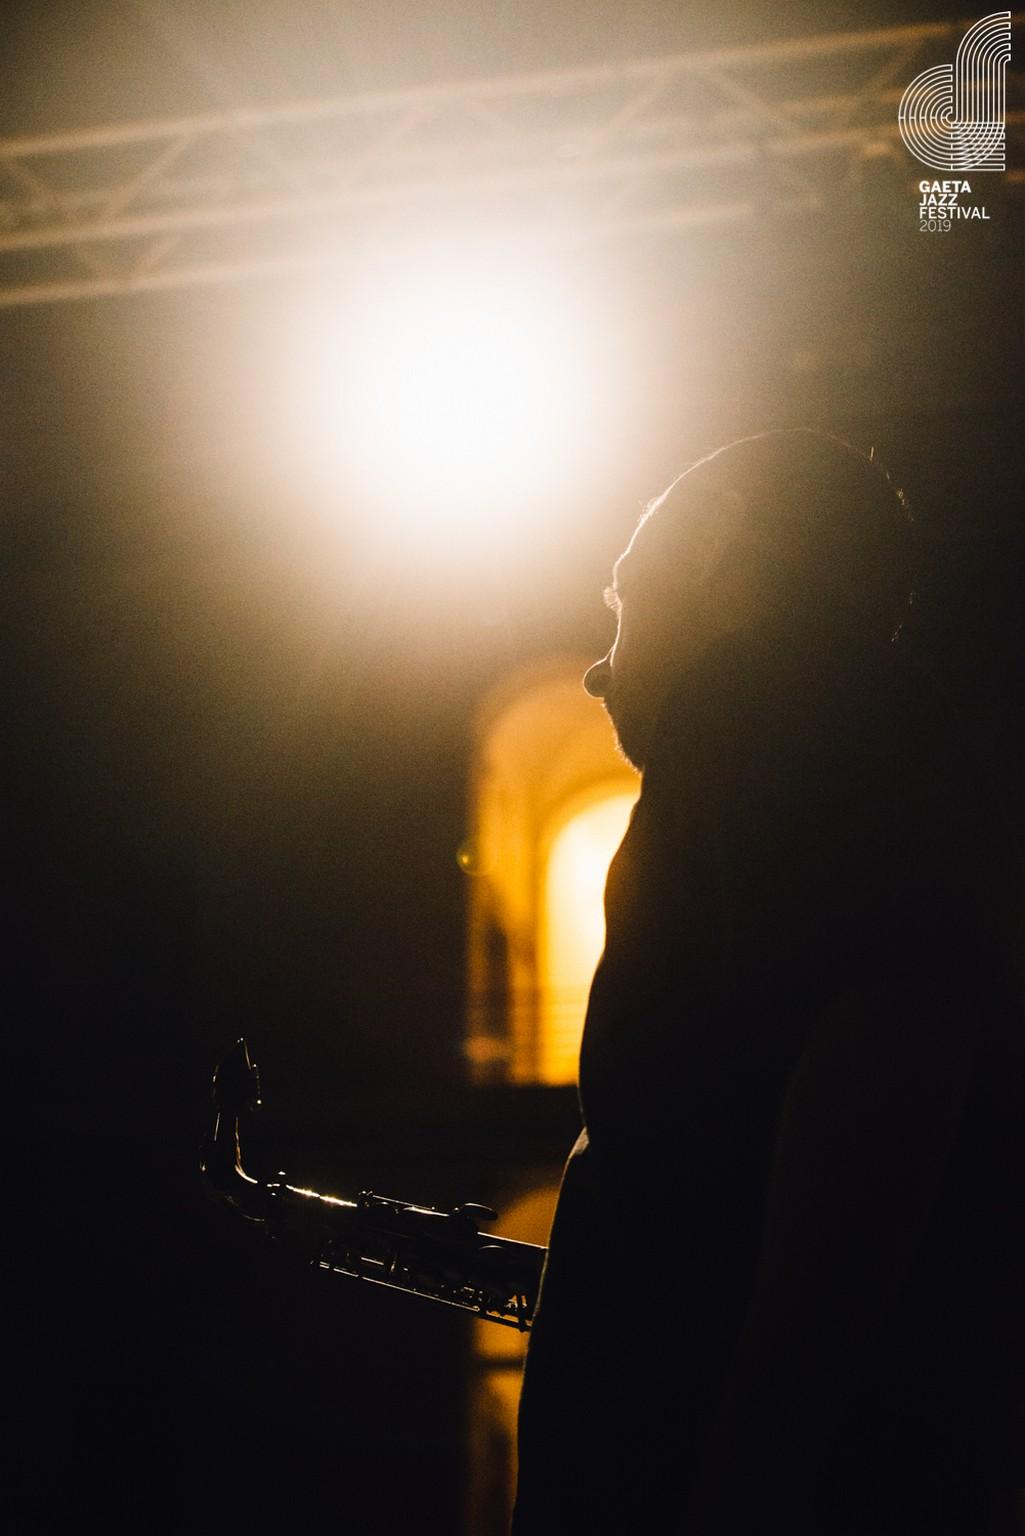 Flavia_Fiengo_Gaeta_Jazz_Festival_live_2019__00069